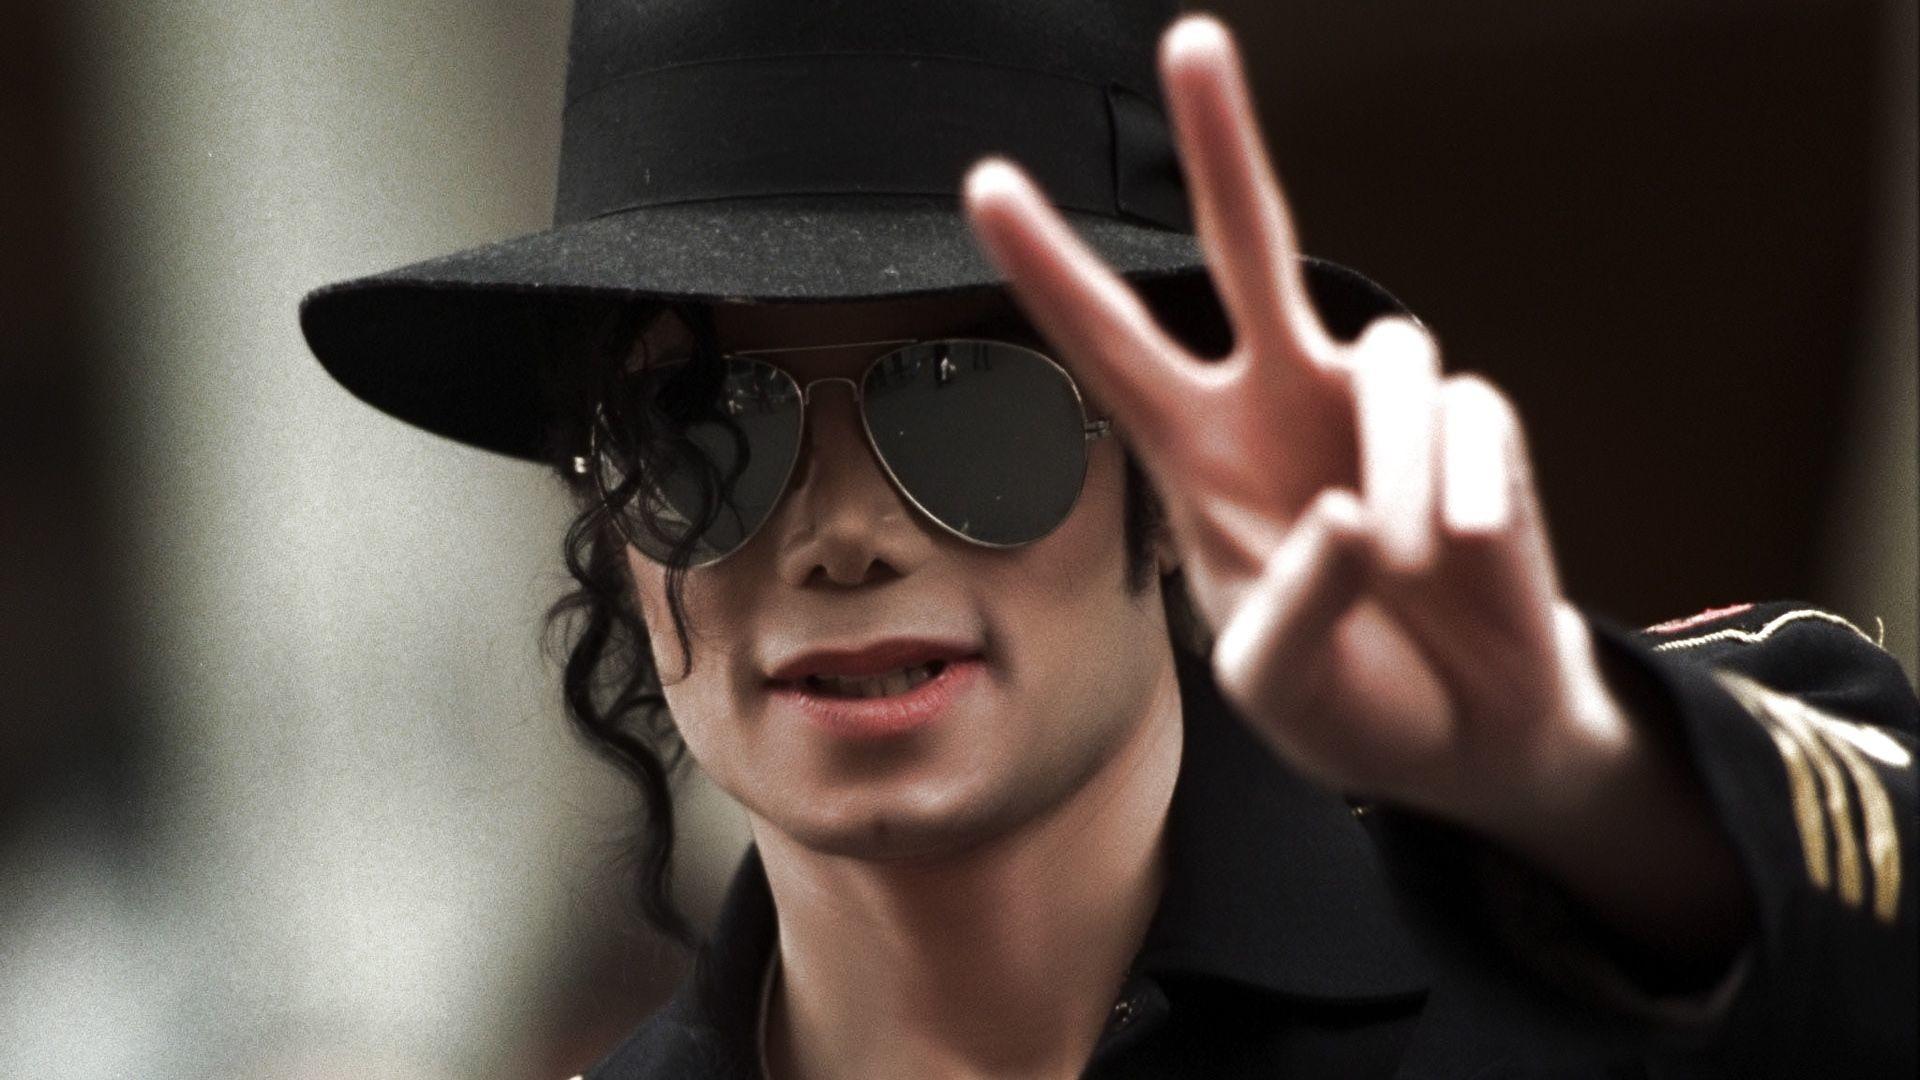 Рост, вес, возраст. Сколько лет Майклу Джексону фото